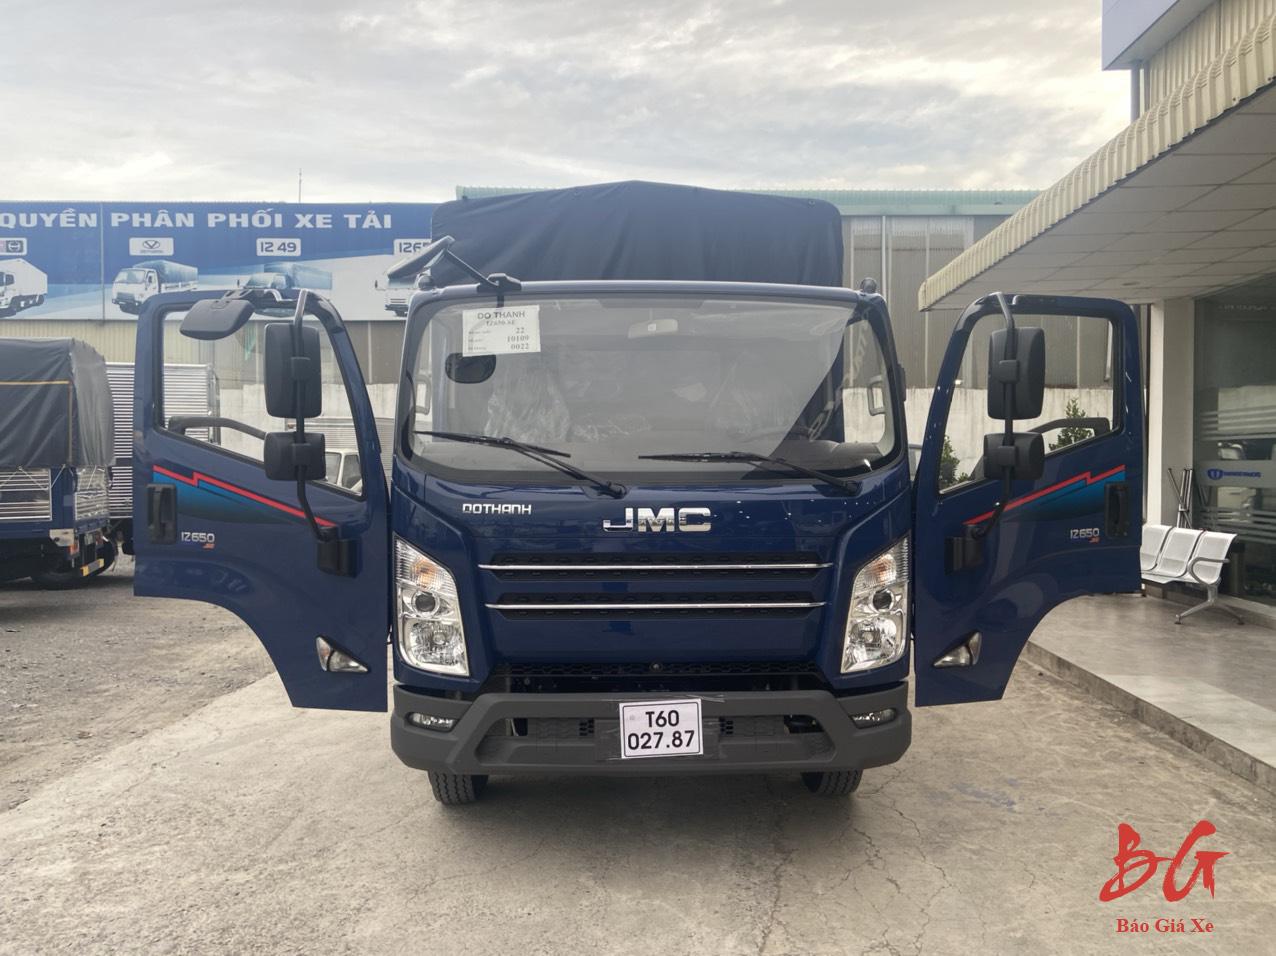 Xe tải IZ650 màu xanh